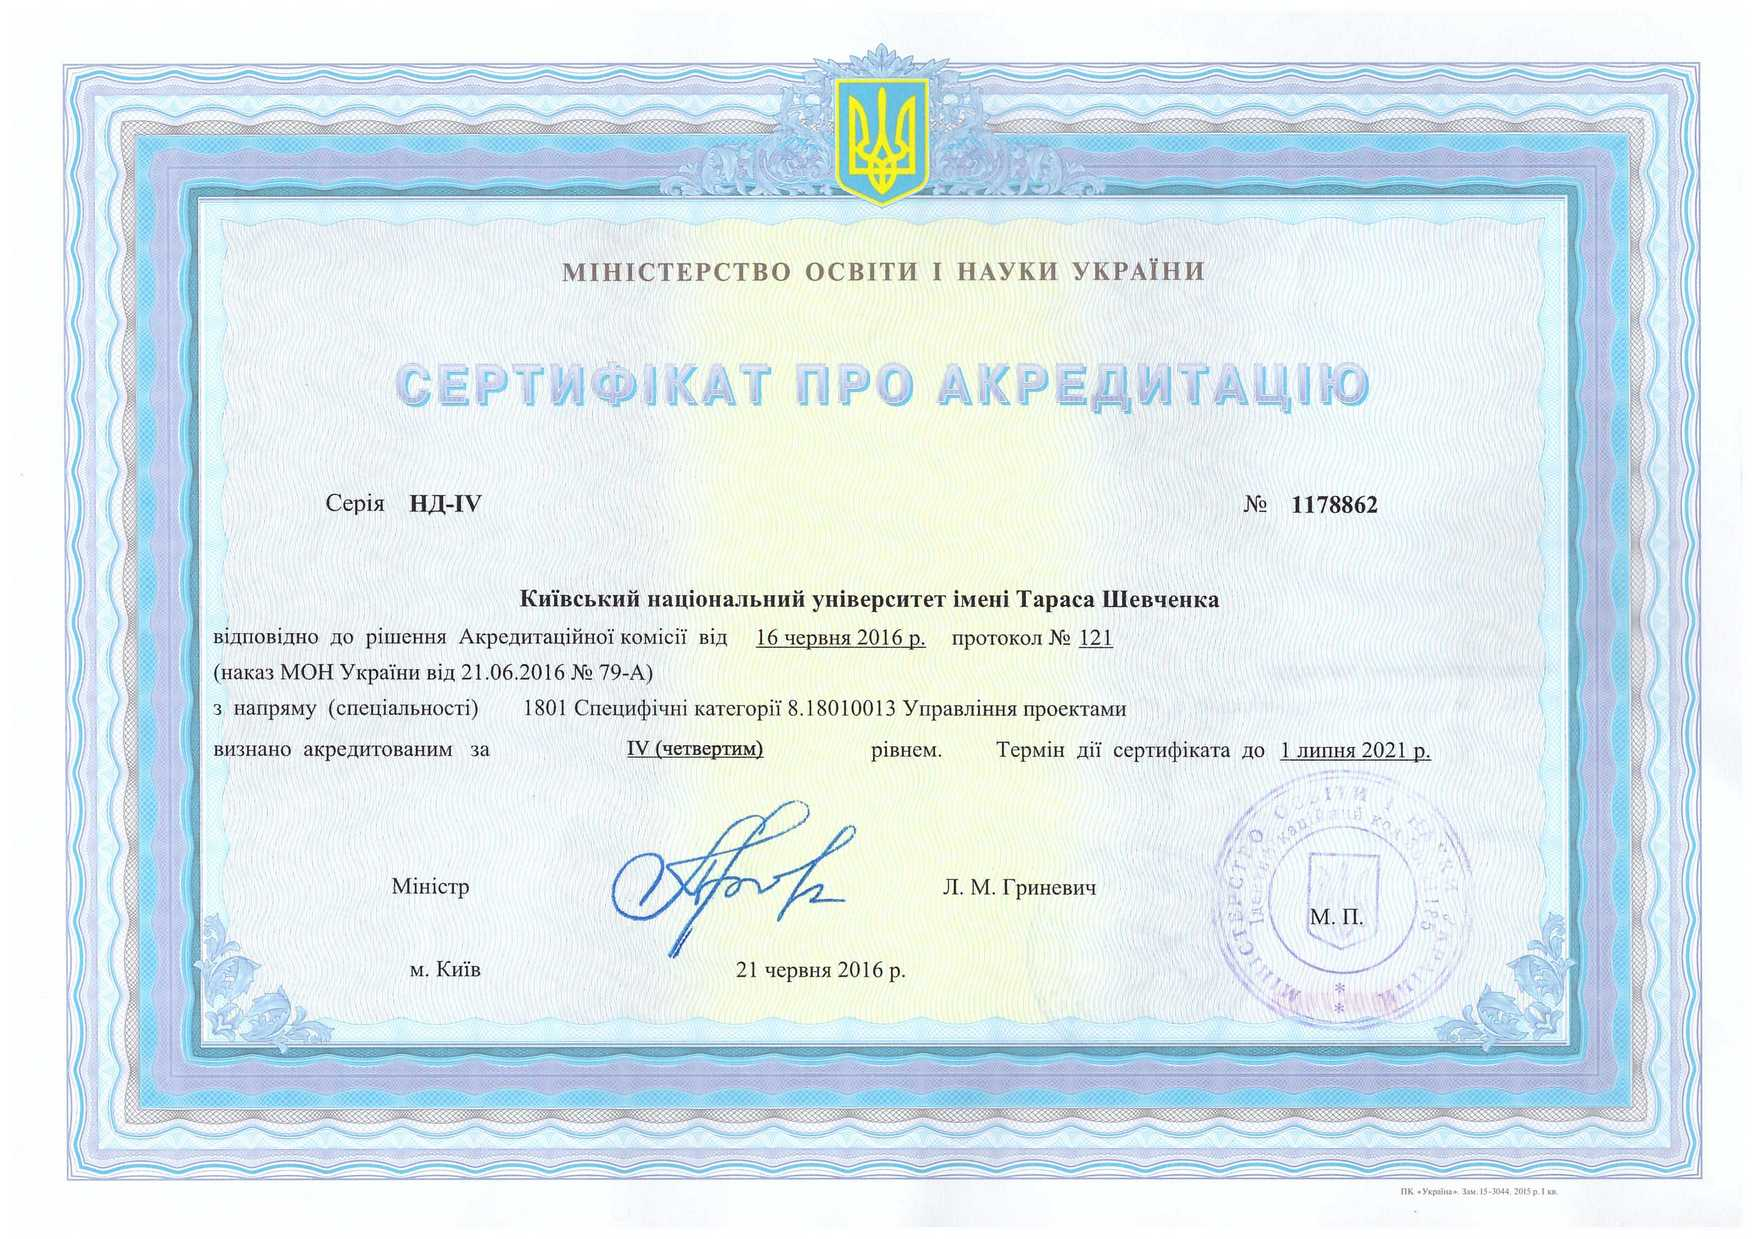 +Управління проектами_8_1178862_№057407